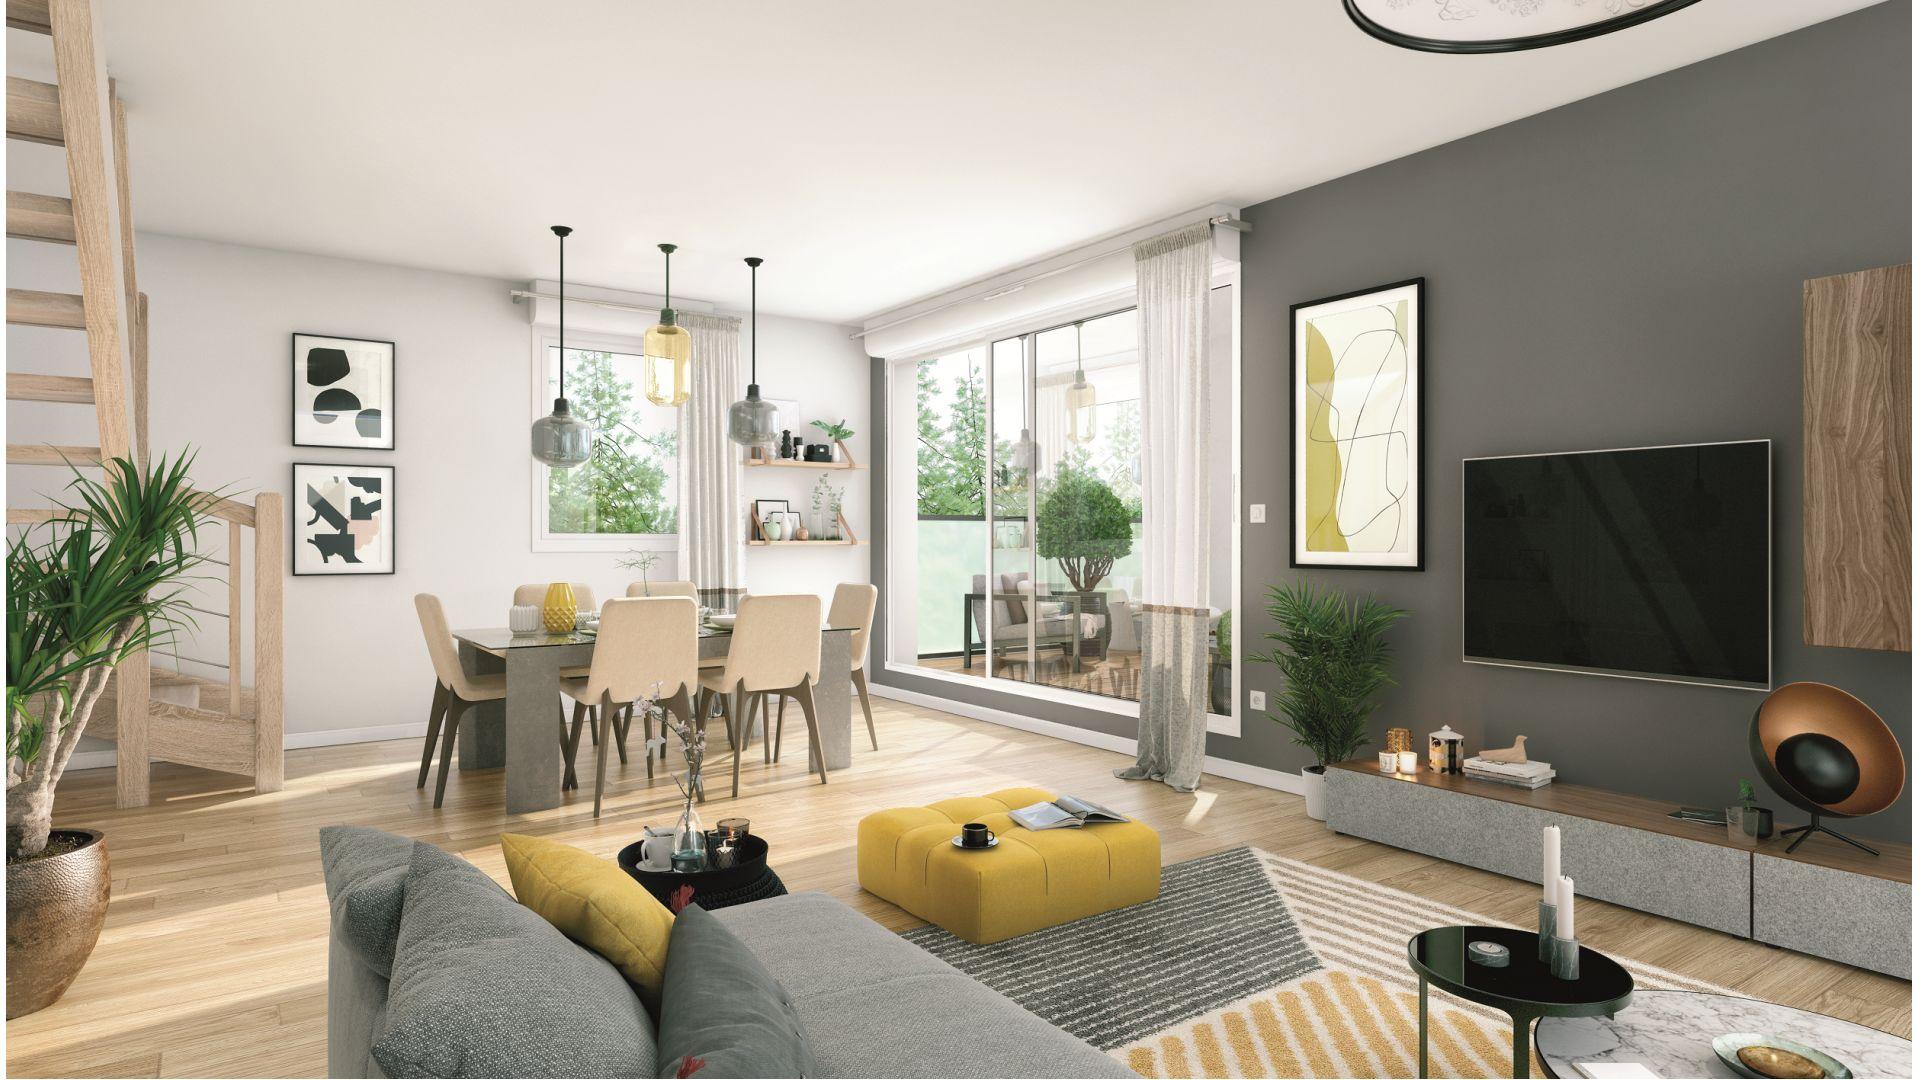 Greencity Immobilier - Résidence Villa Palacio - 31700 Blagnac - appartements neufs du T2 au T4 Duplex - vue intérieure